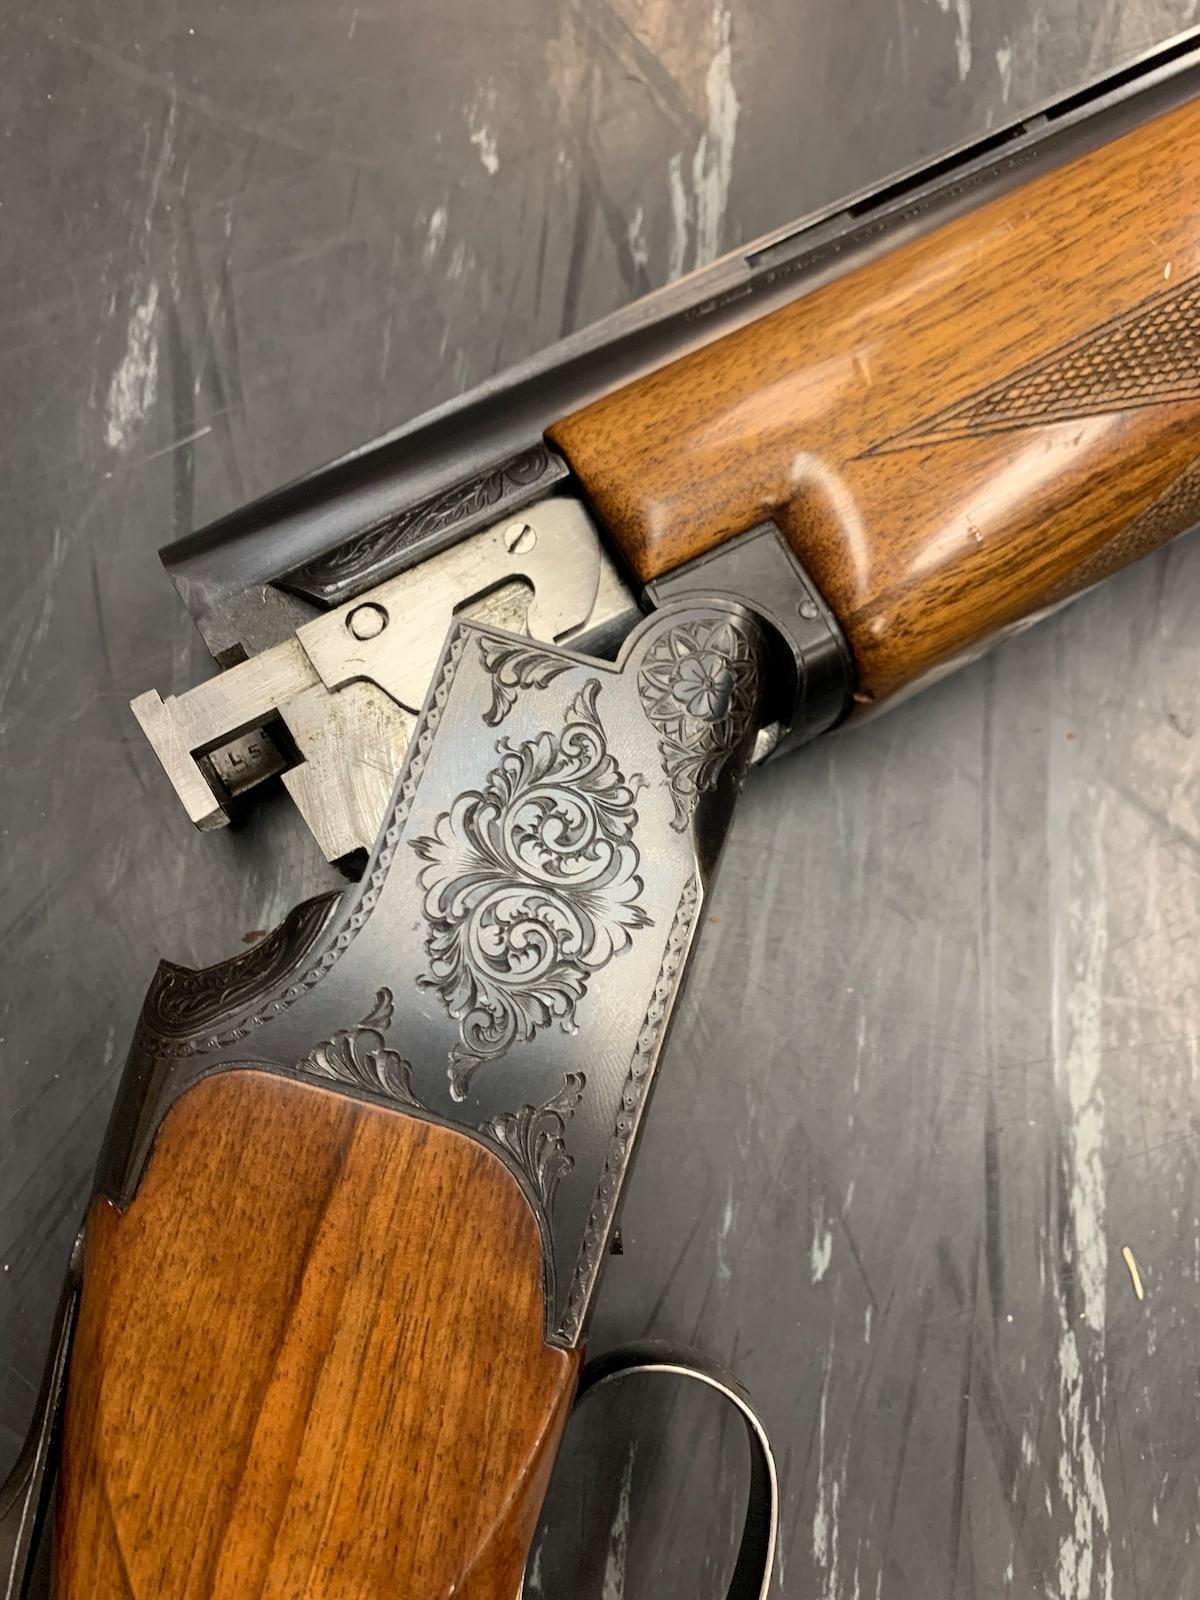 CHARLES DALY CHARLES DALY/MIROKU TRAP GUN